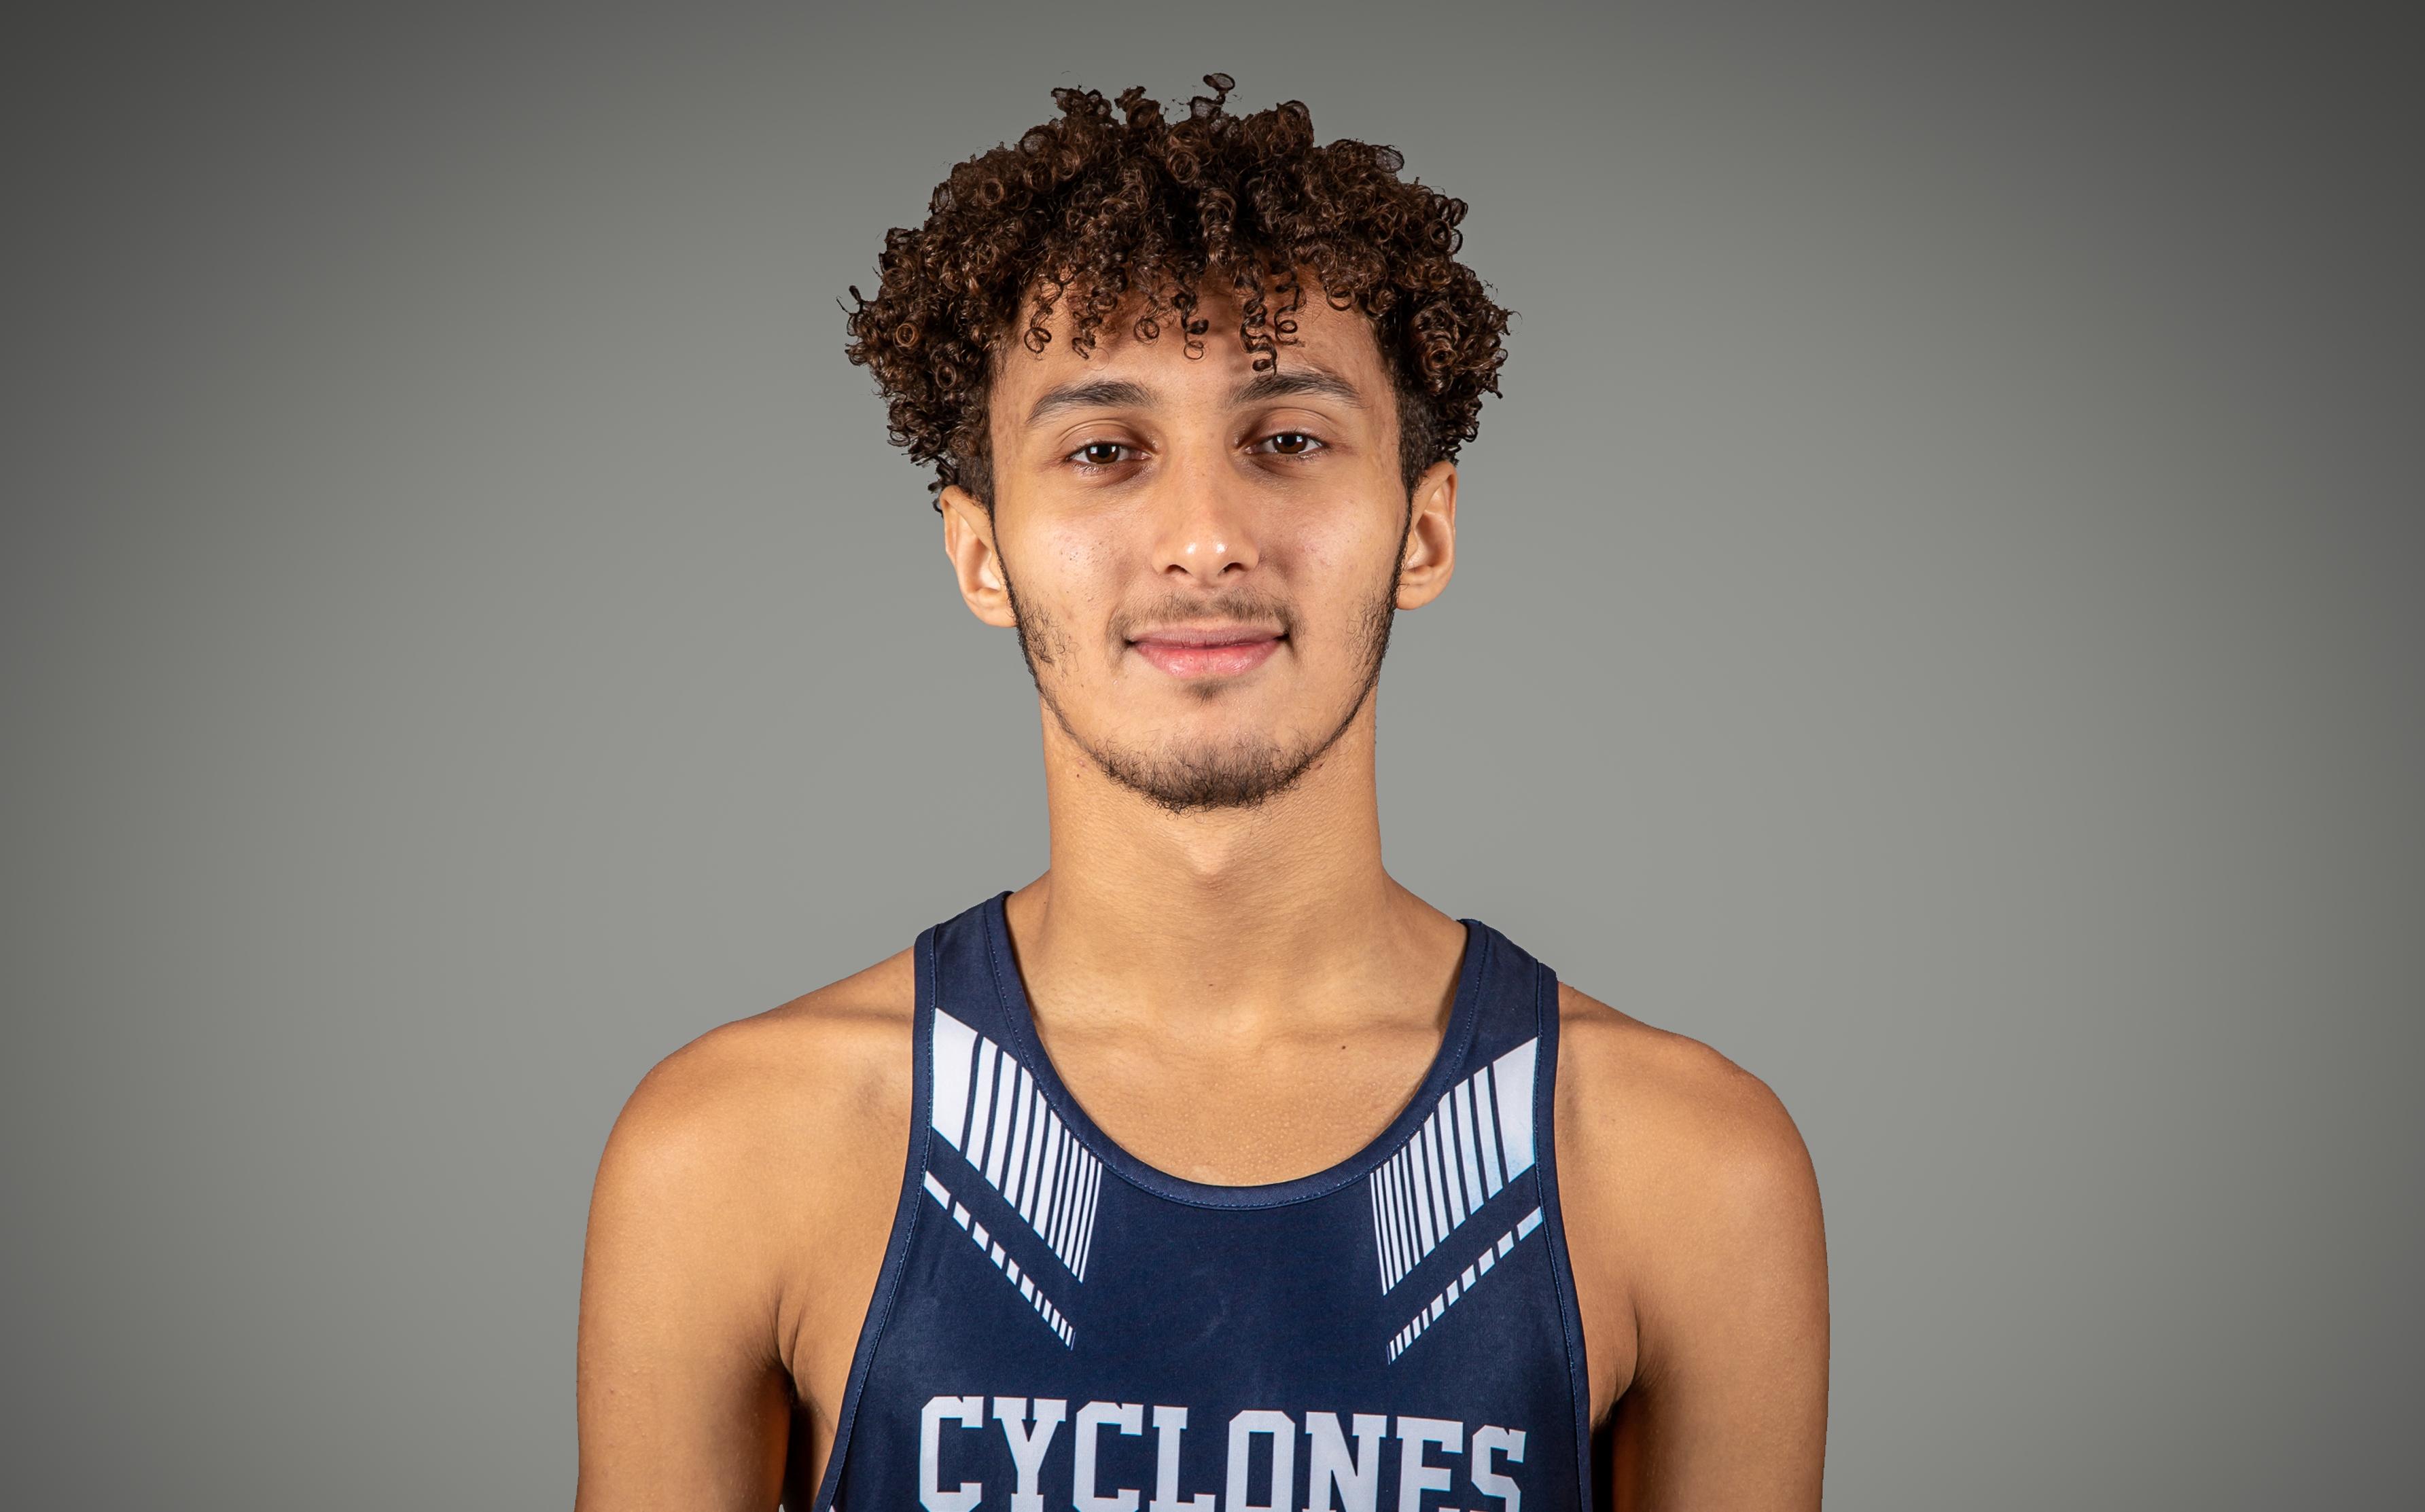 Mohamed Amine Kourouss membre de l'équipe de cross-country des Cyclones